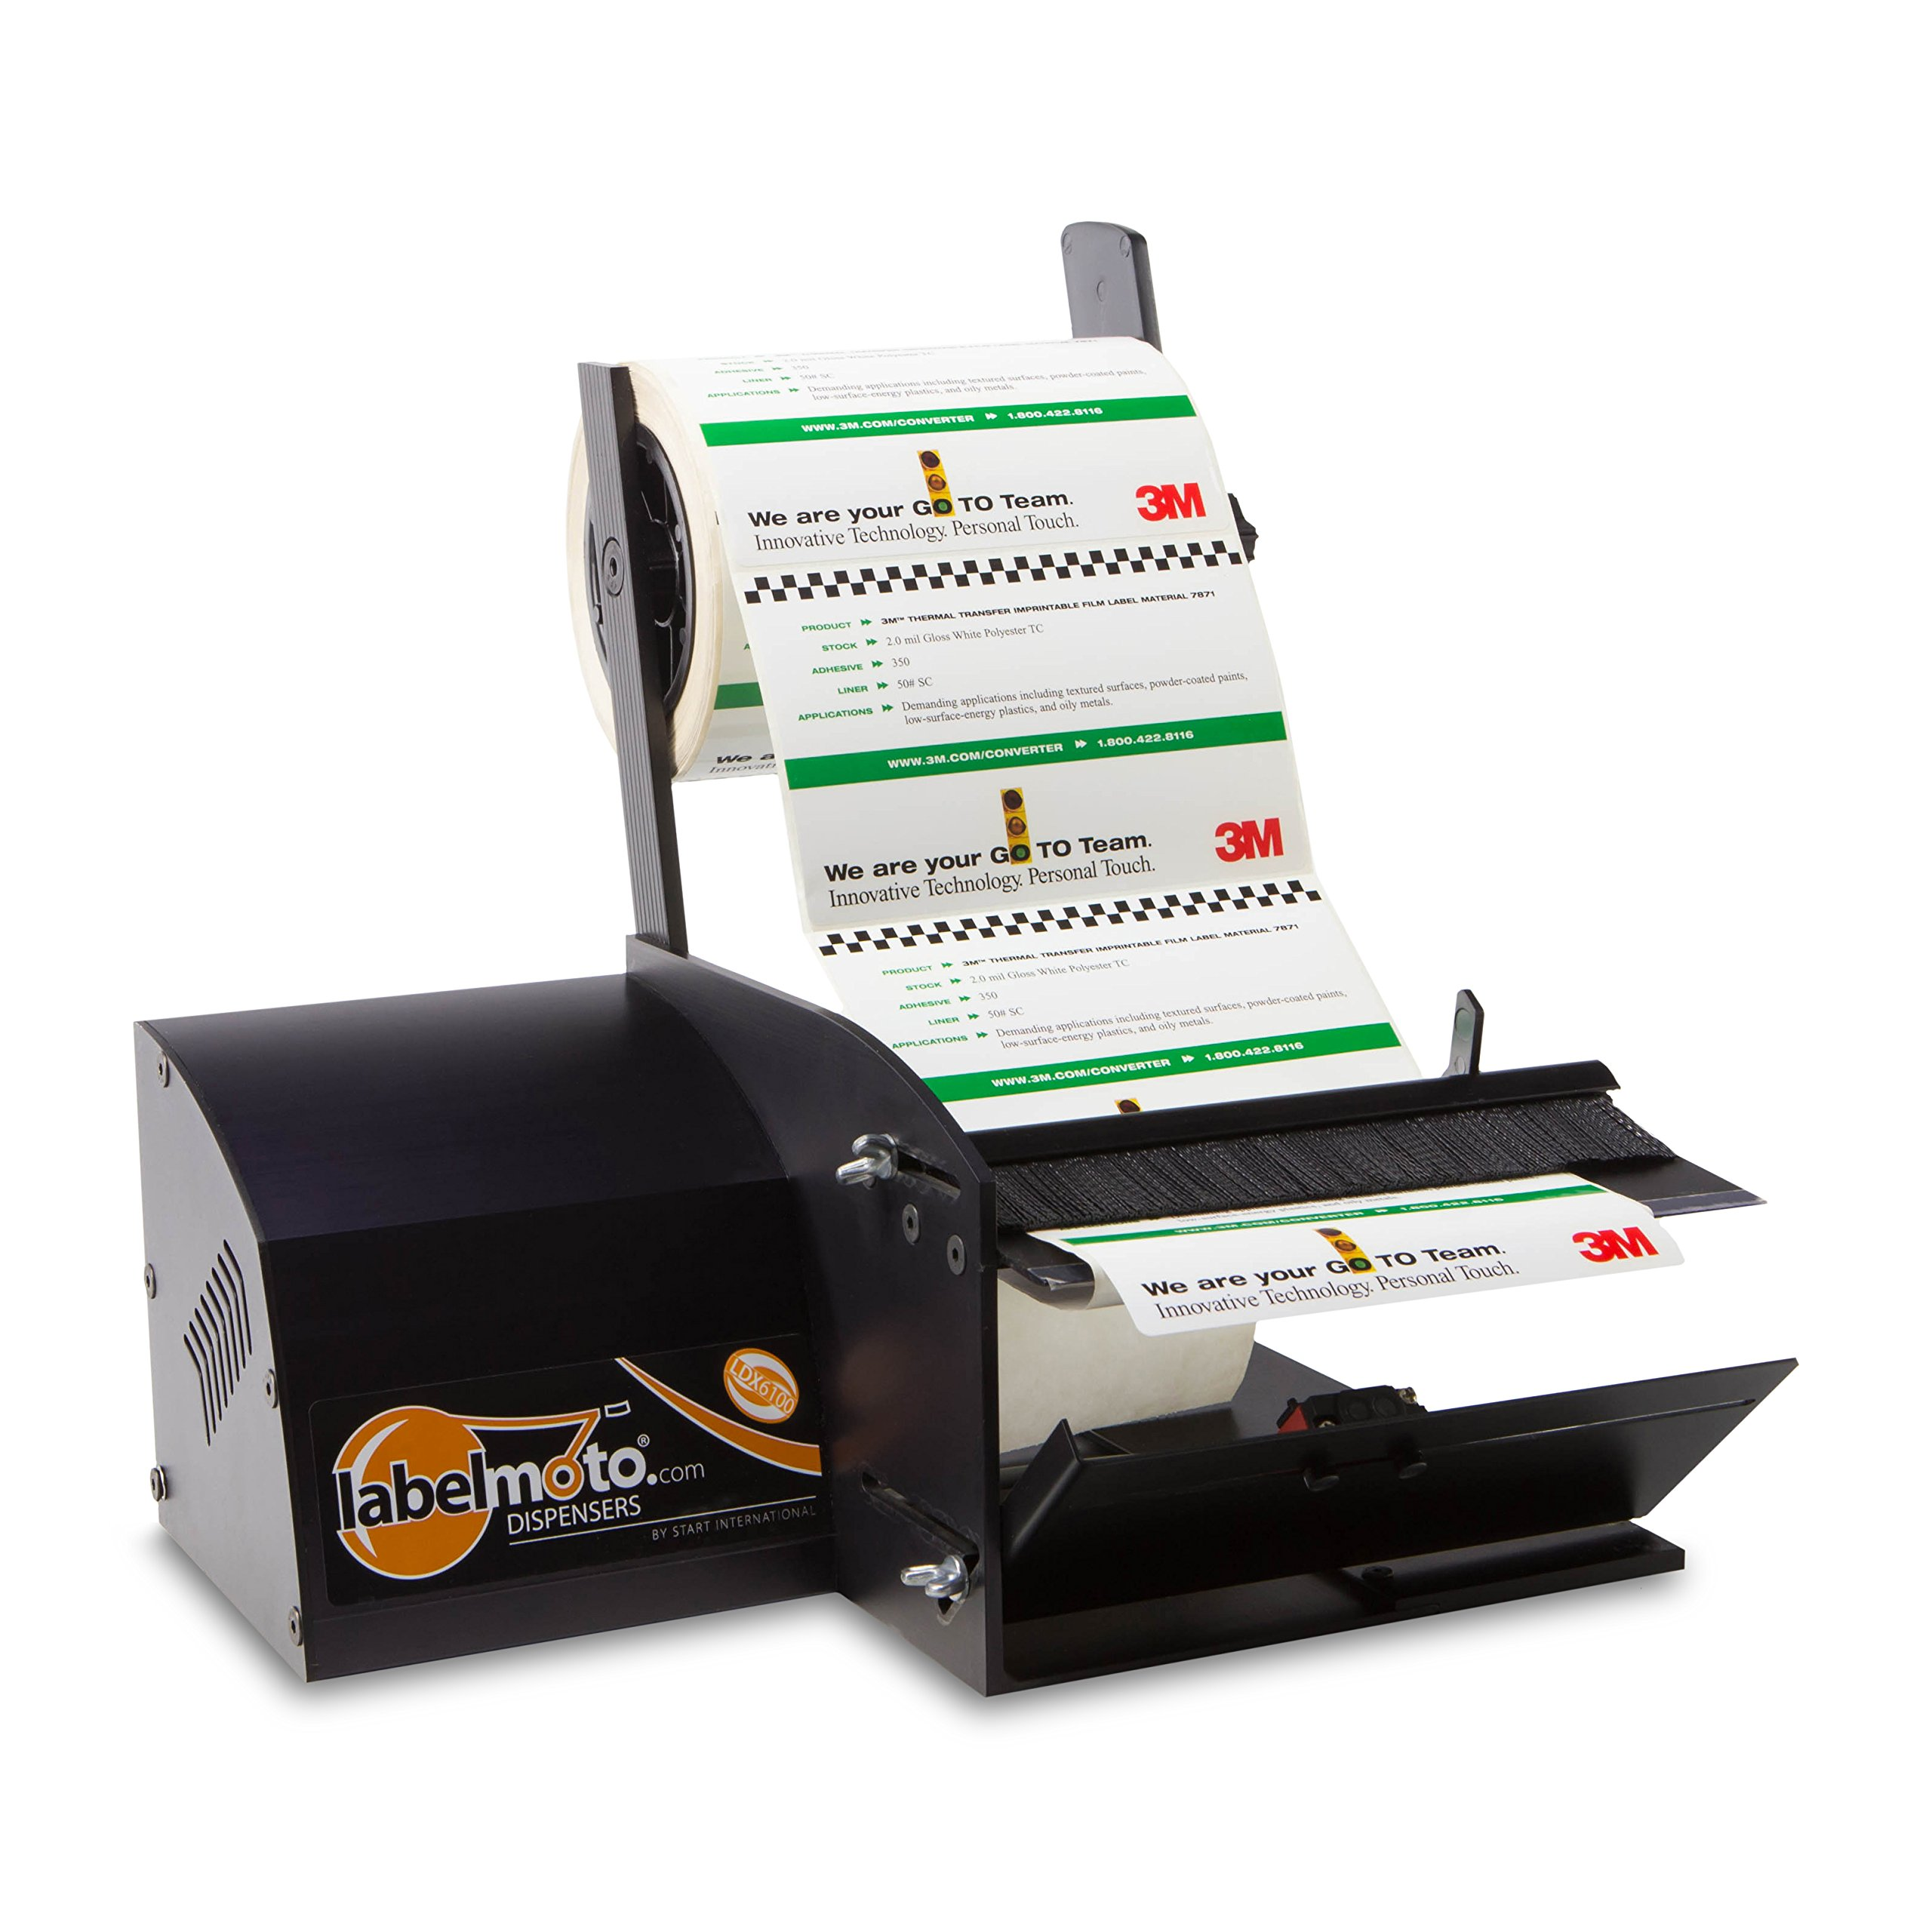 START International LDX6100 Super Speed Electric Label Dispenser for Up to 7'' (178 mm) Wide Labels, Black